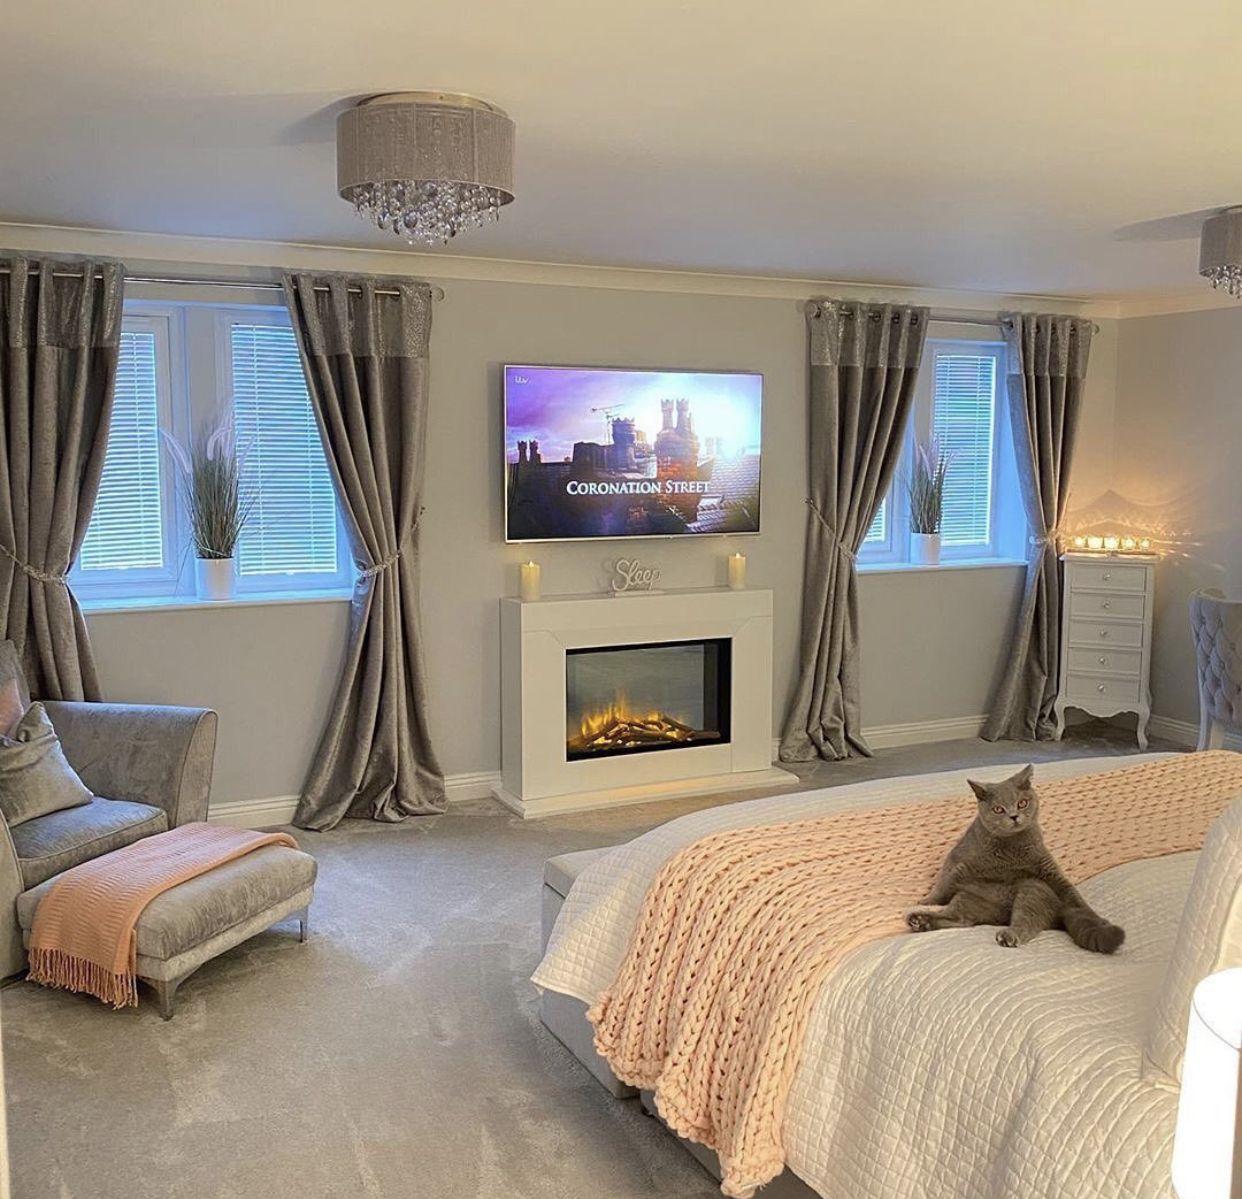 #bedroom #bedroomdecor #bedroomdesign #bedroomideas #bedroomgoals